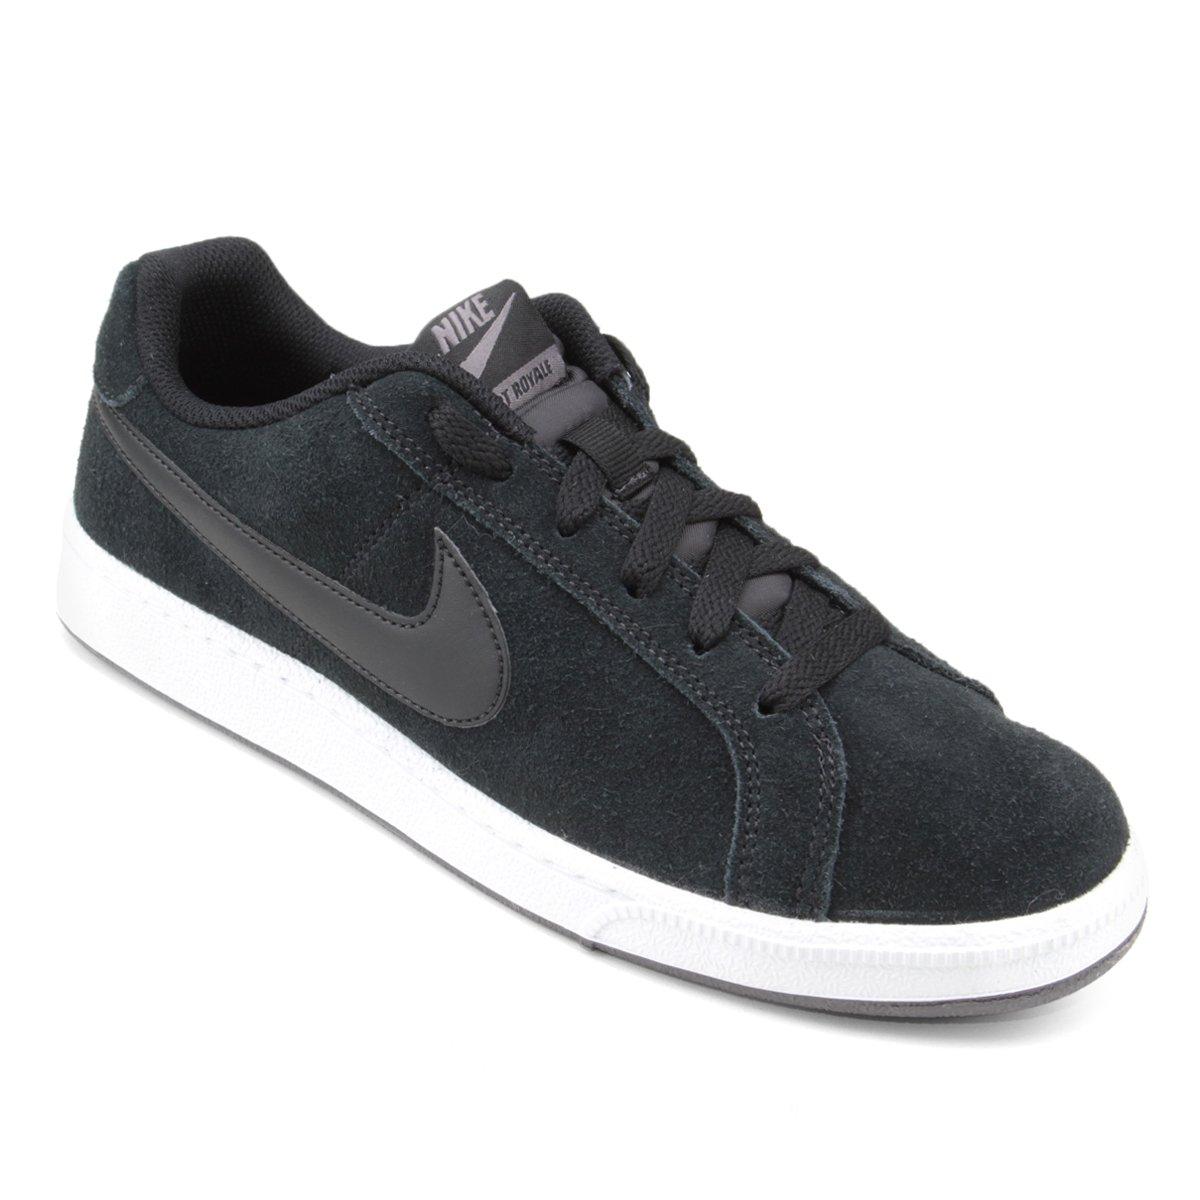 Tênis Nike Wmns Court Royale - Preto - Compre Agora  1db149512d762